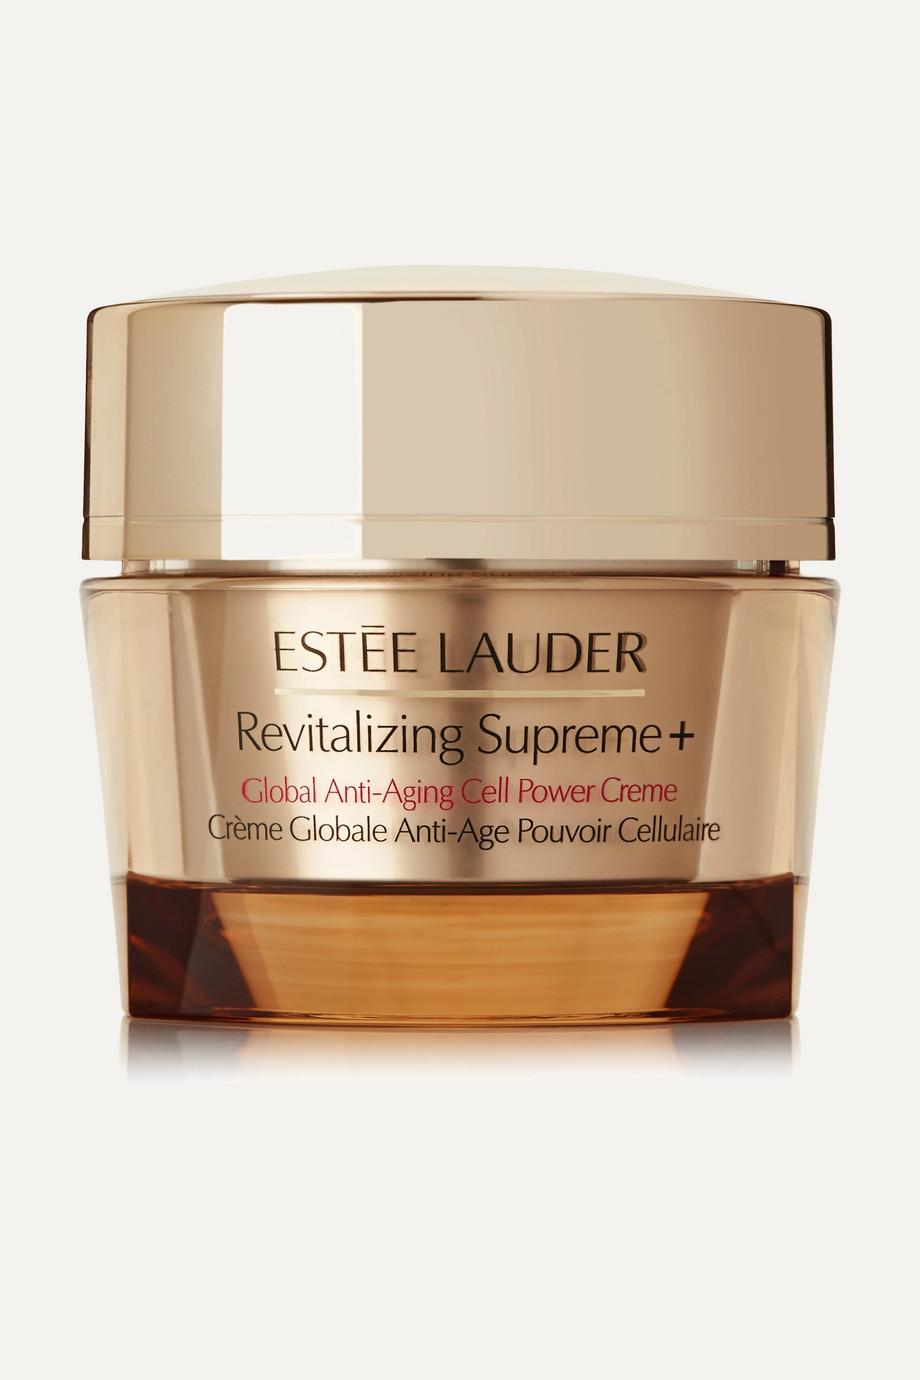 Estée Lauder Revitalizing Supreme + Global Anti-Aging Cell Power Crème, 30ml